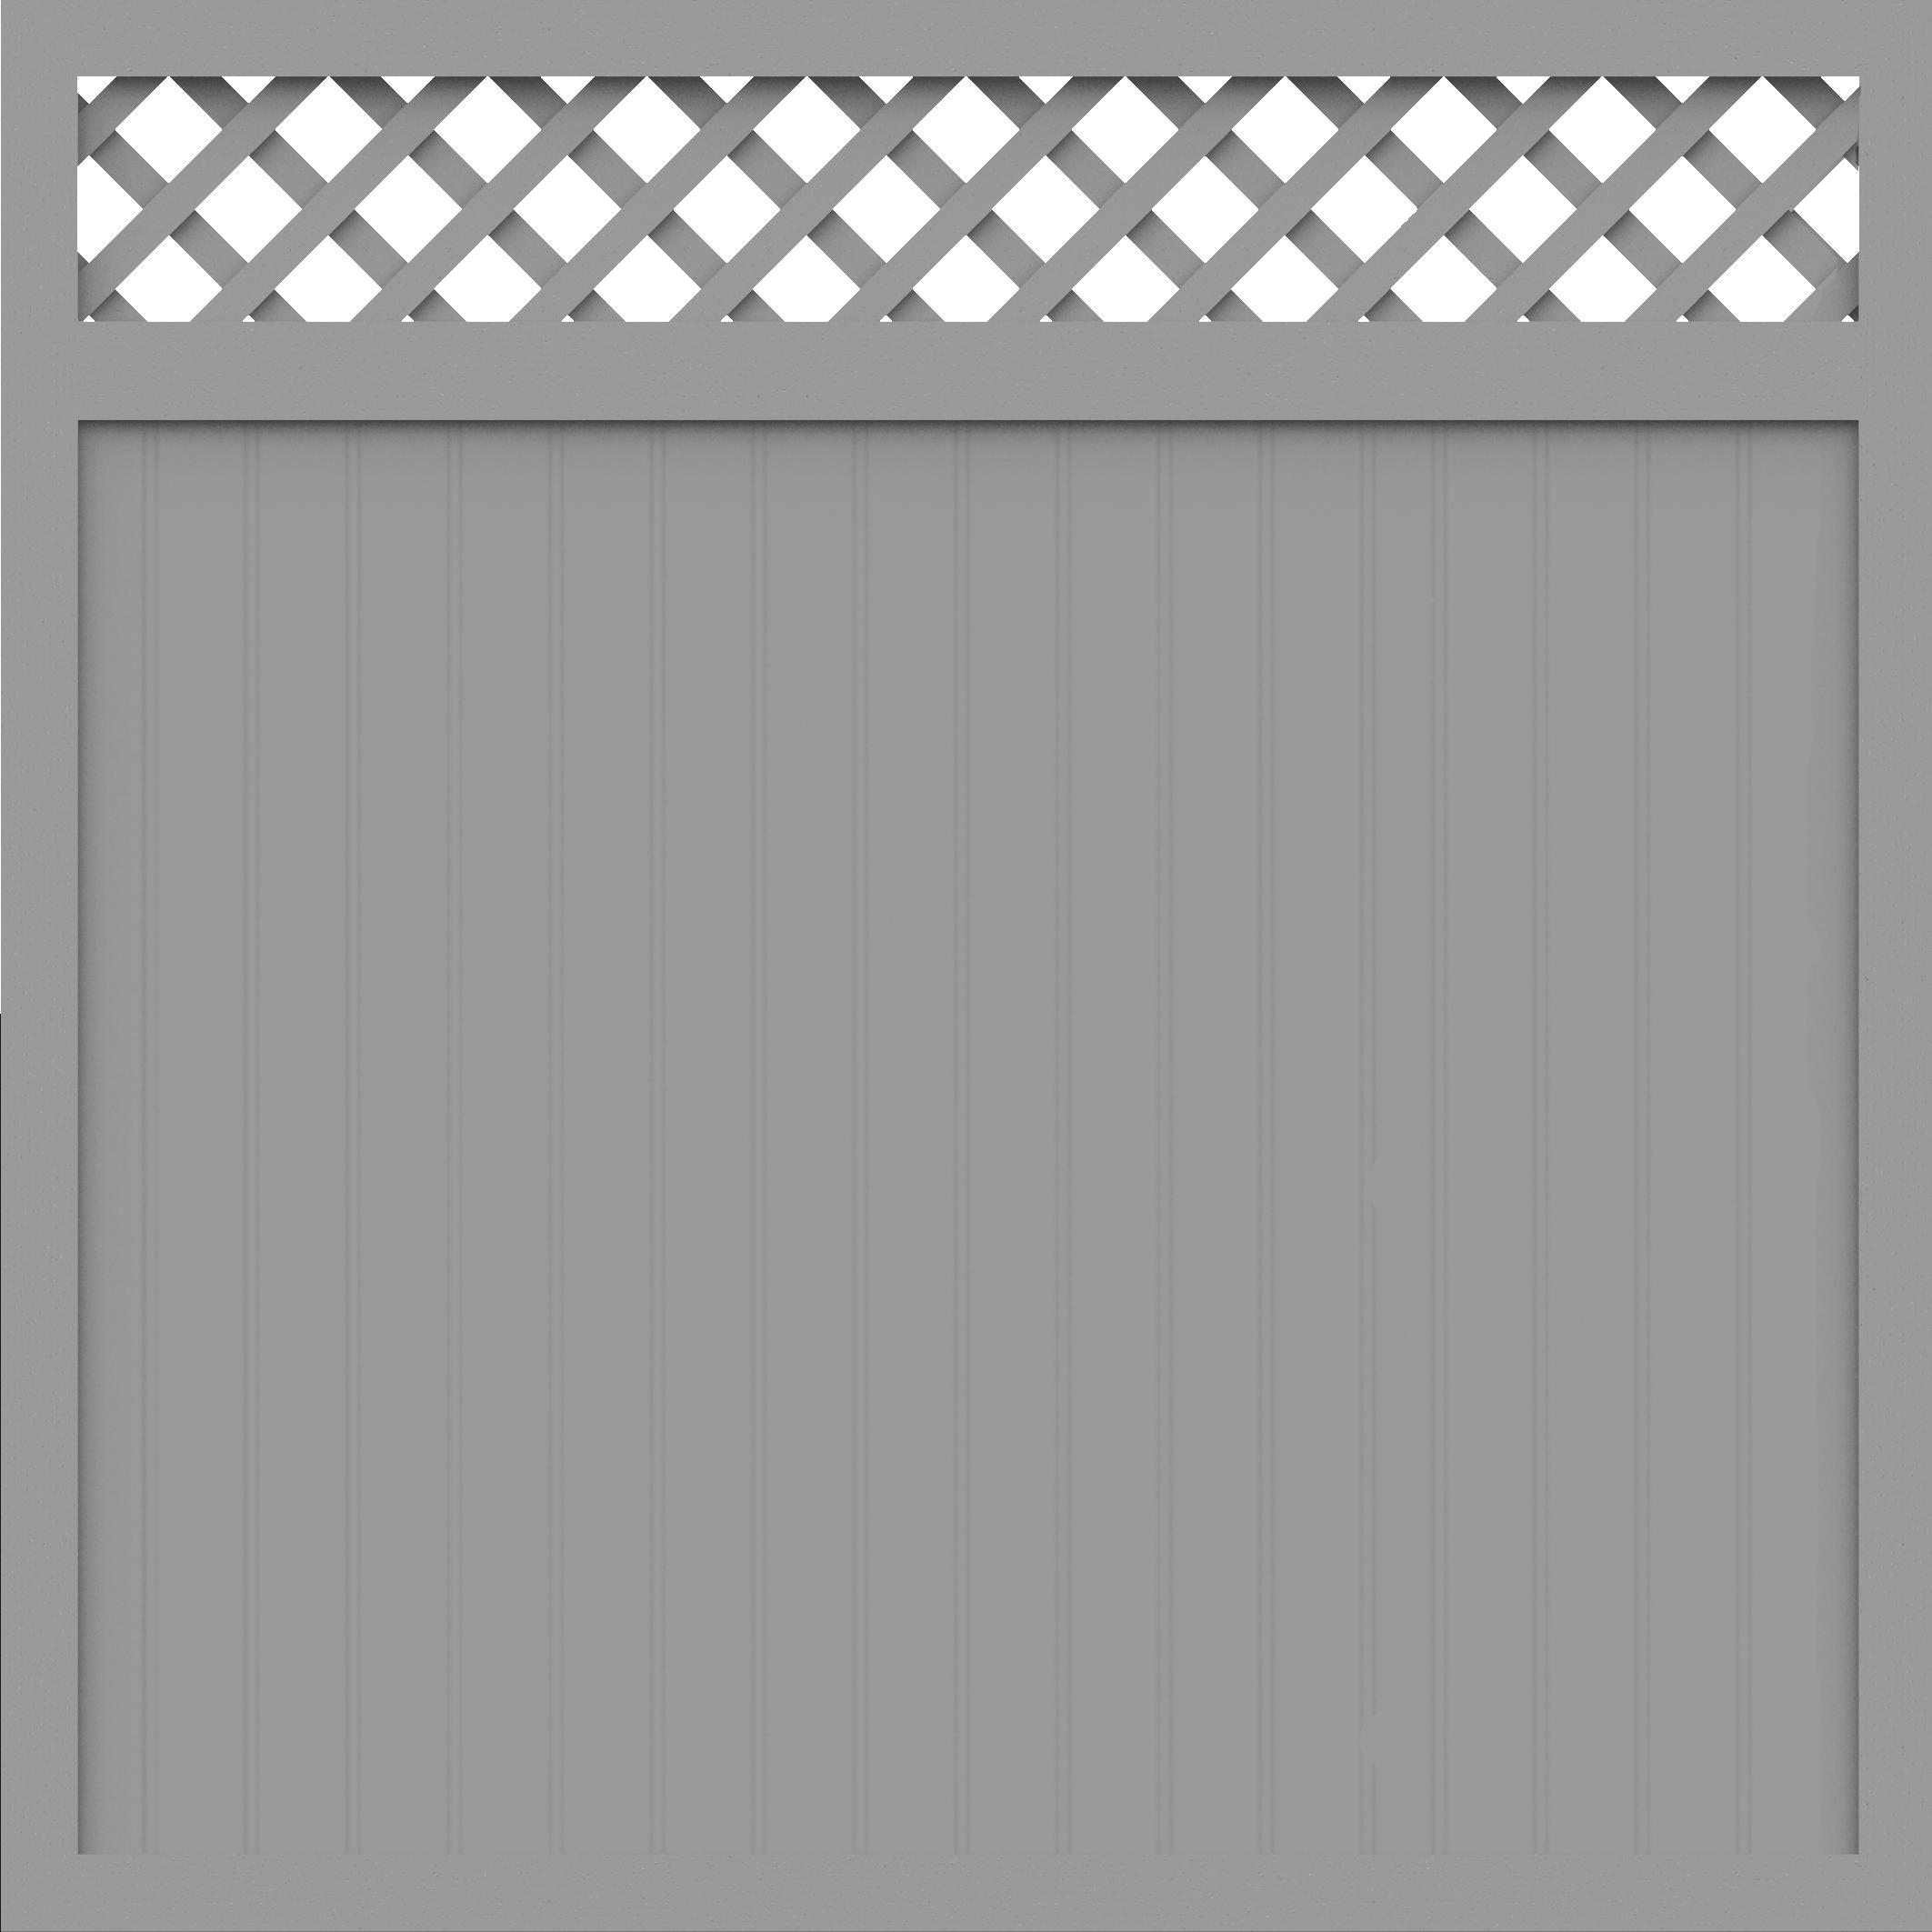 basicline sichtschutz typ c 180 silbergrau 180x180 z une. Black Bedroom Furniture Sets. Home Design Ideas